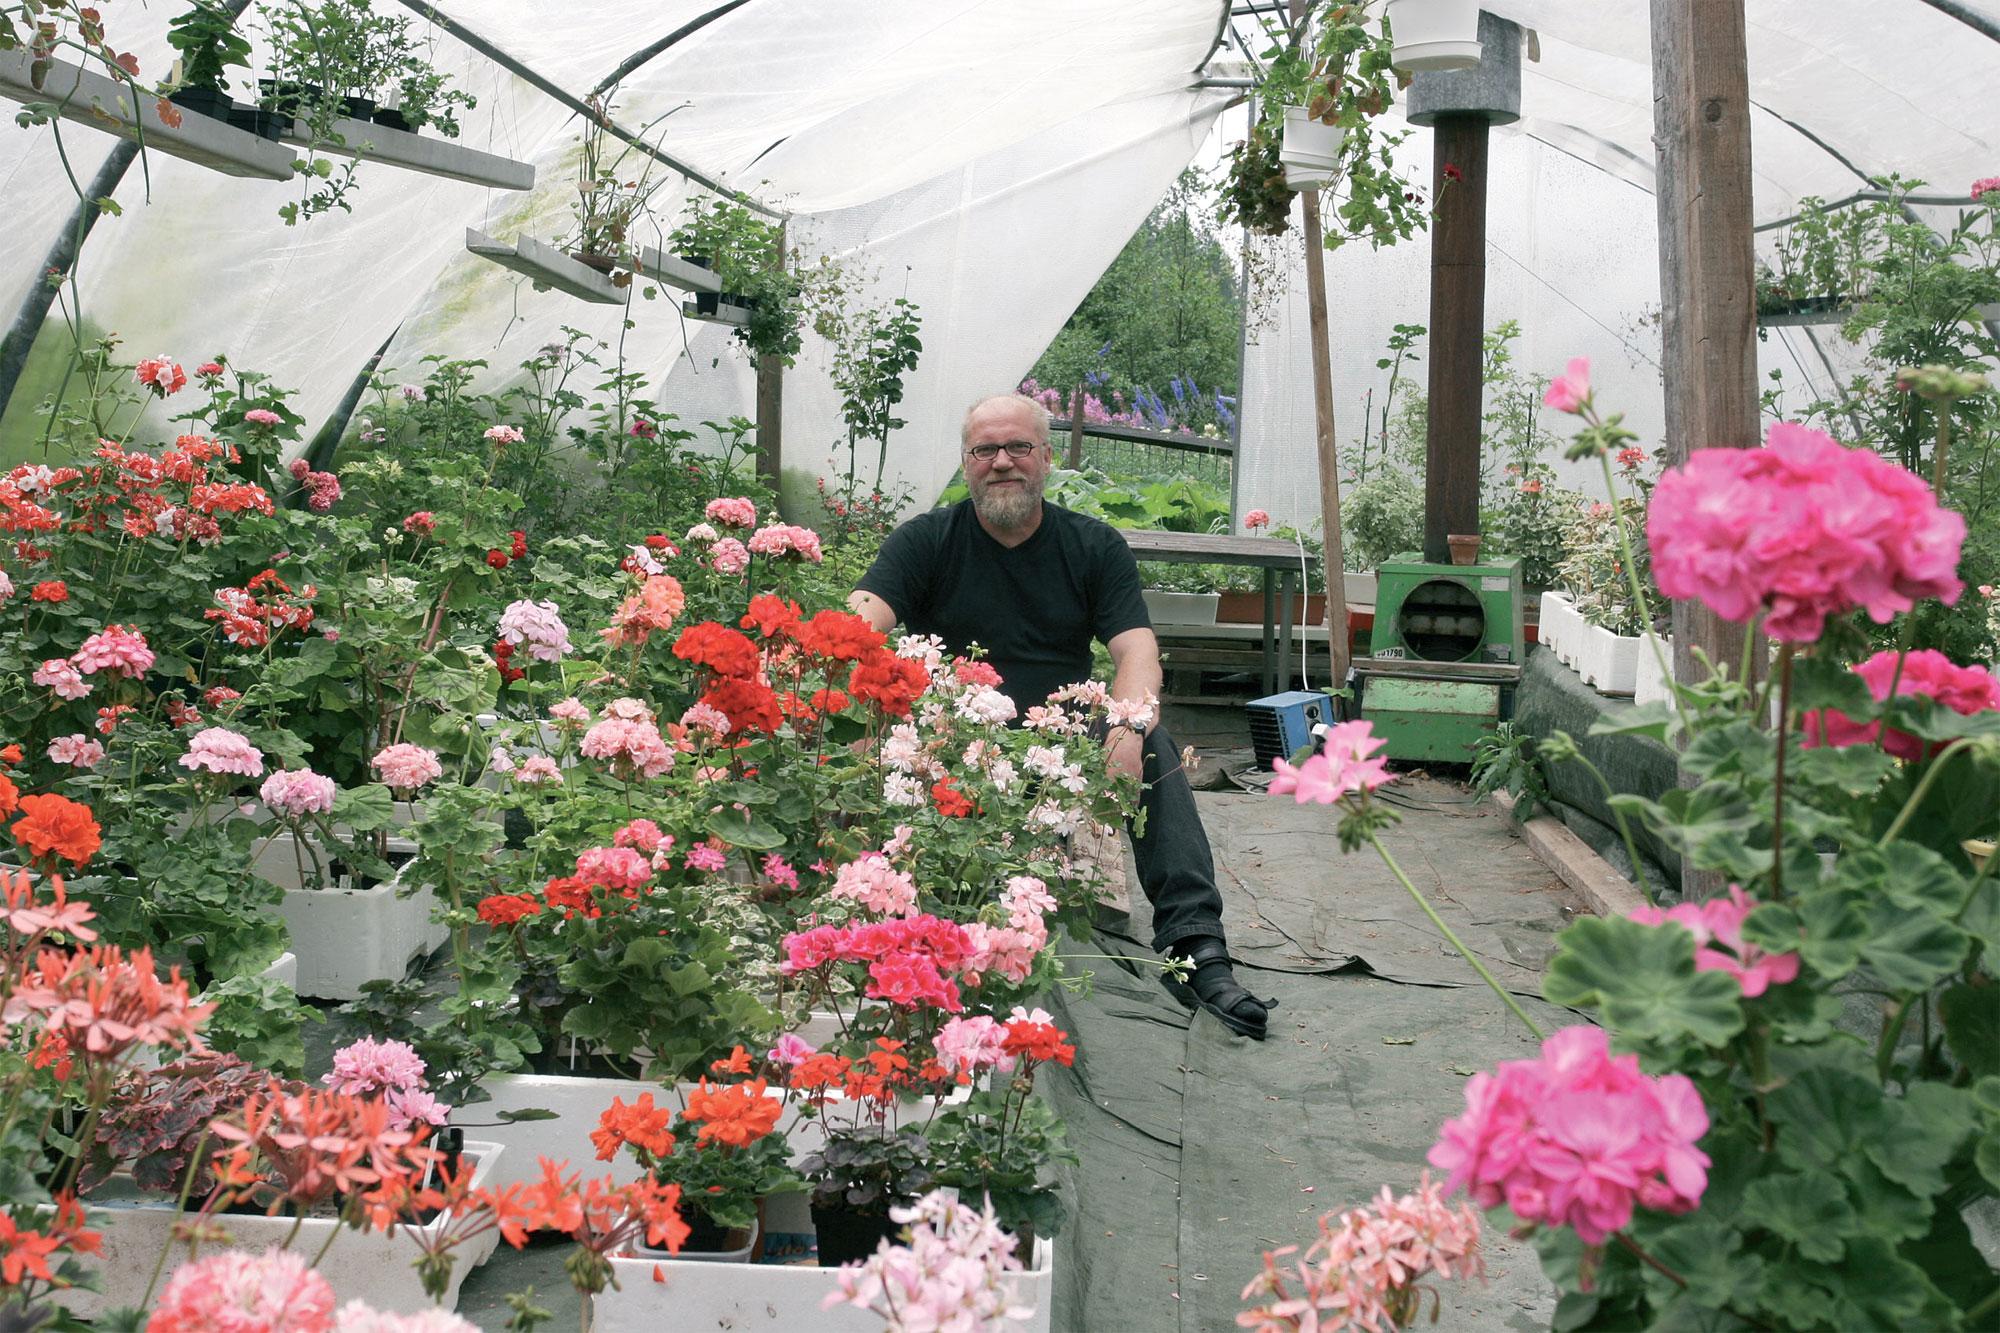 Jorma Ryynäsen ilo on ylimmillään keskikesällä, kun pelargonit kukkivat päivät päästään kausihuoneessa.